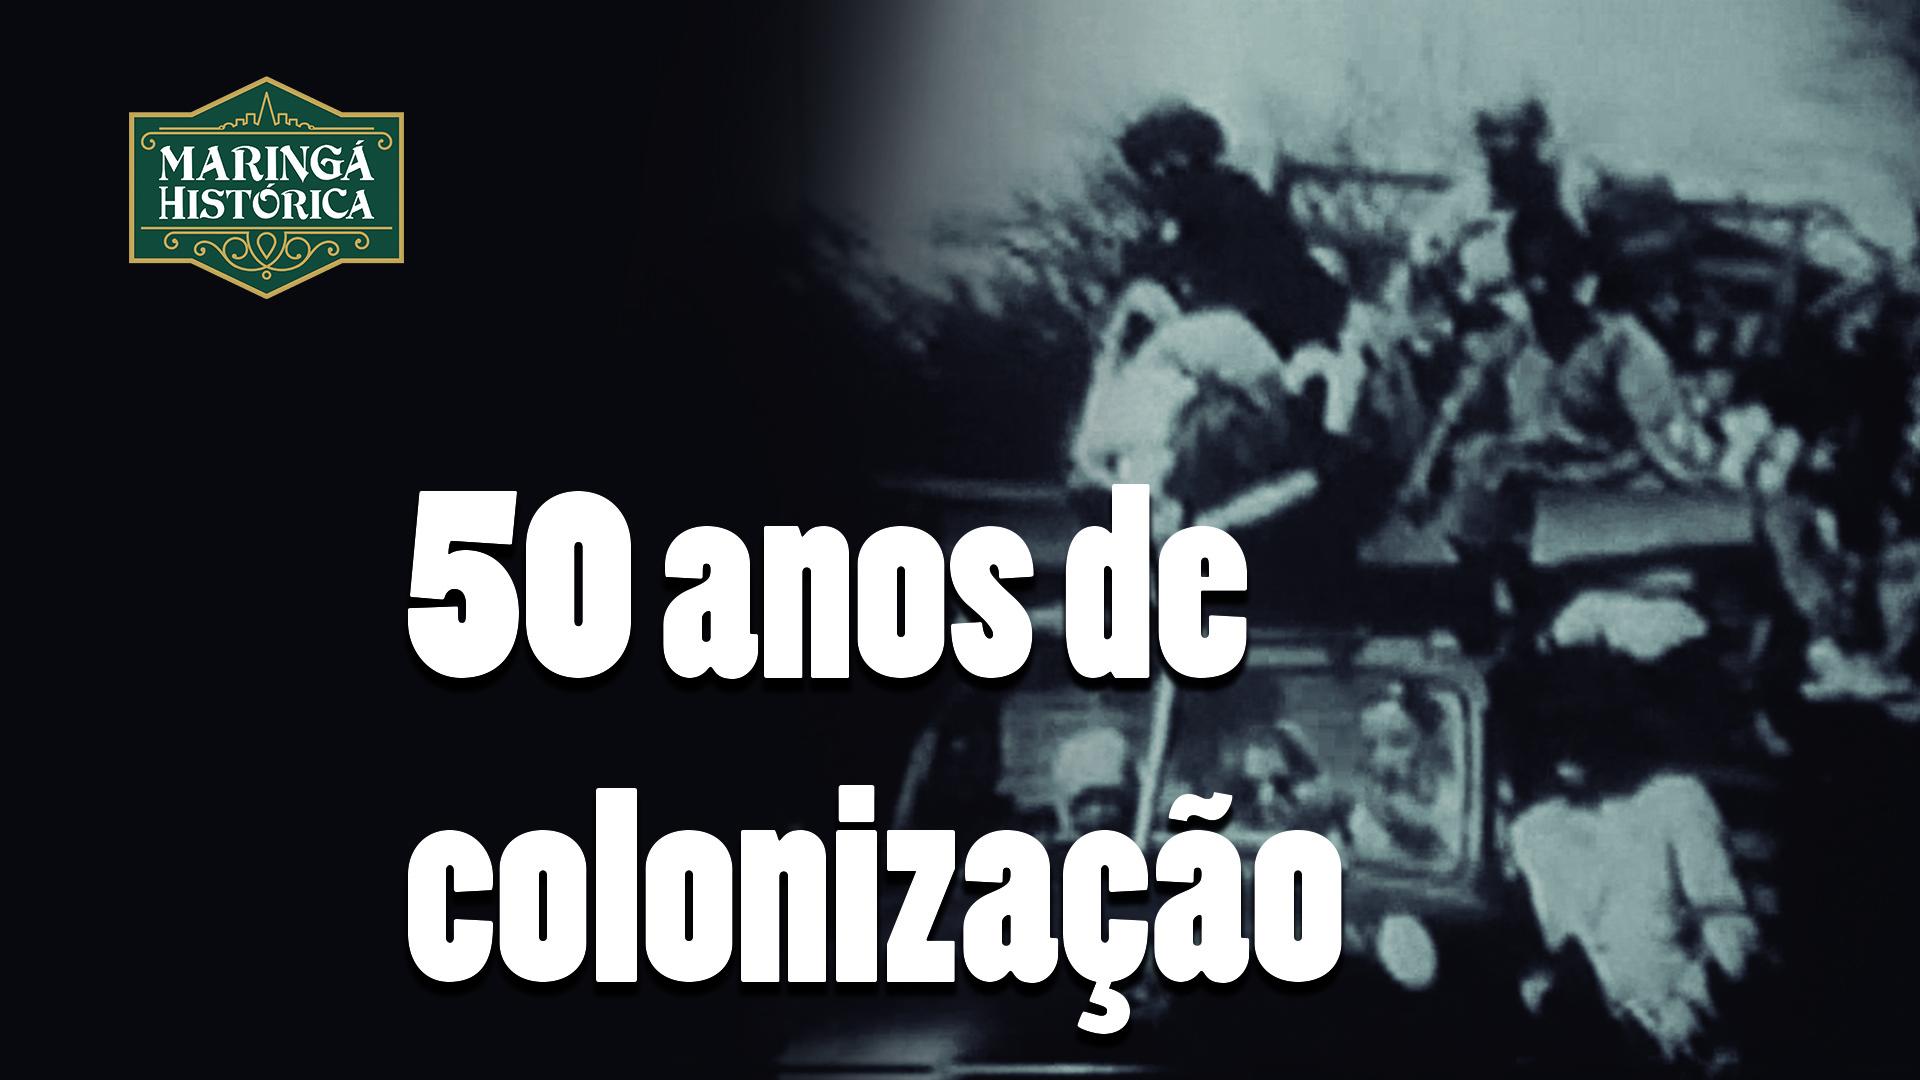 50 anos de colonização do Norte e Noroeste do Paraná